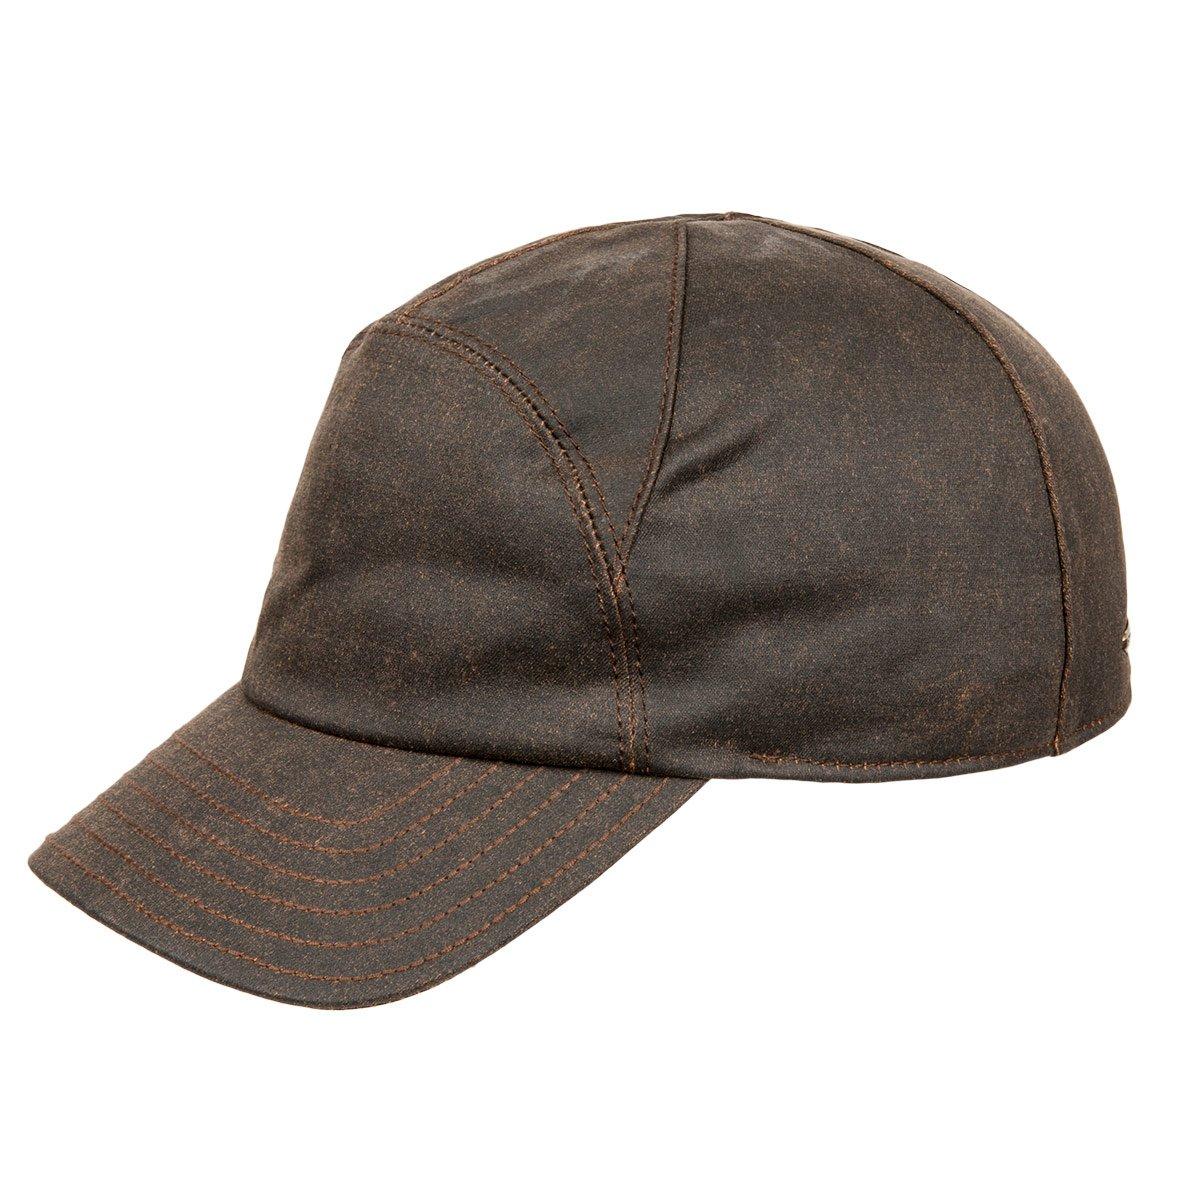 berretto con visiera Maryman by Stetson berretto da uomo con paraorecchie 093cf8424544